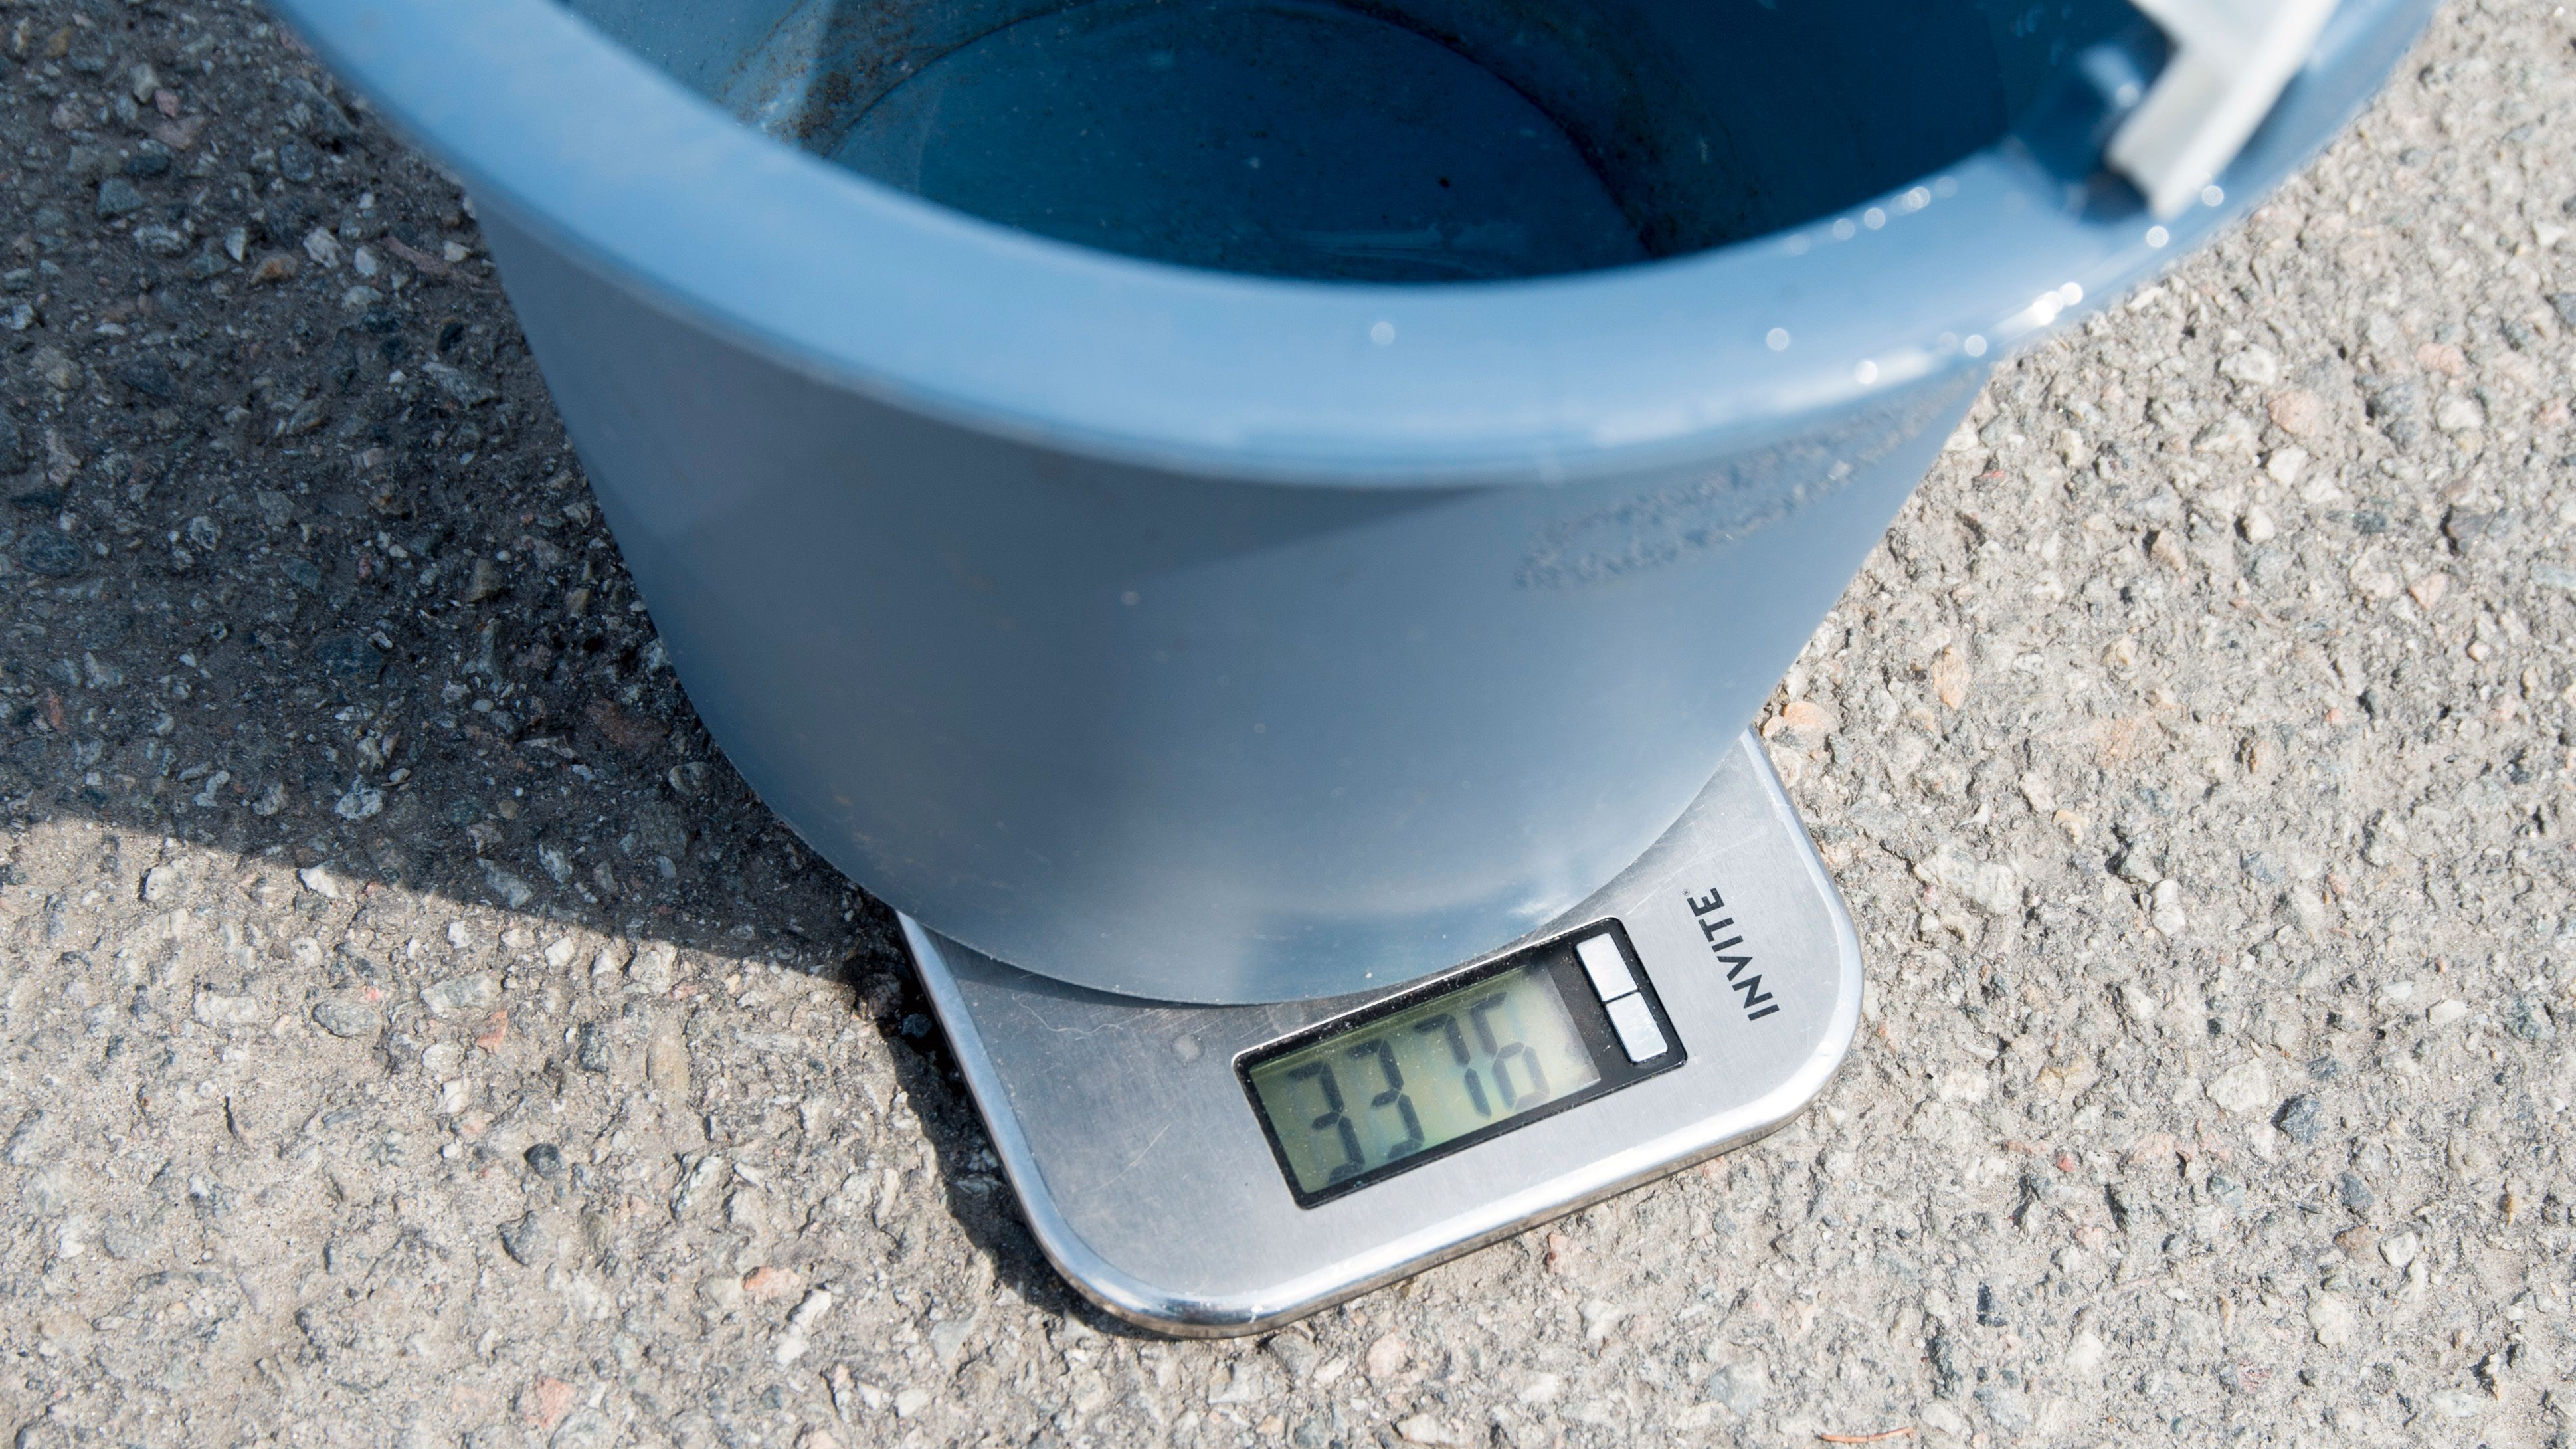 Etter 20 sekunder hadde maskinen gitt fra seg godt over 3 liter med vann. PS: vekten av bøtten ble trekt fra før vi startet å veie vannet.